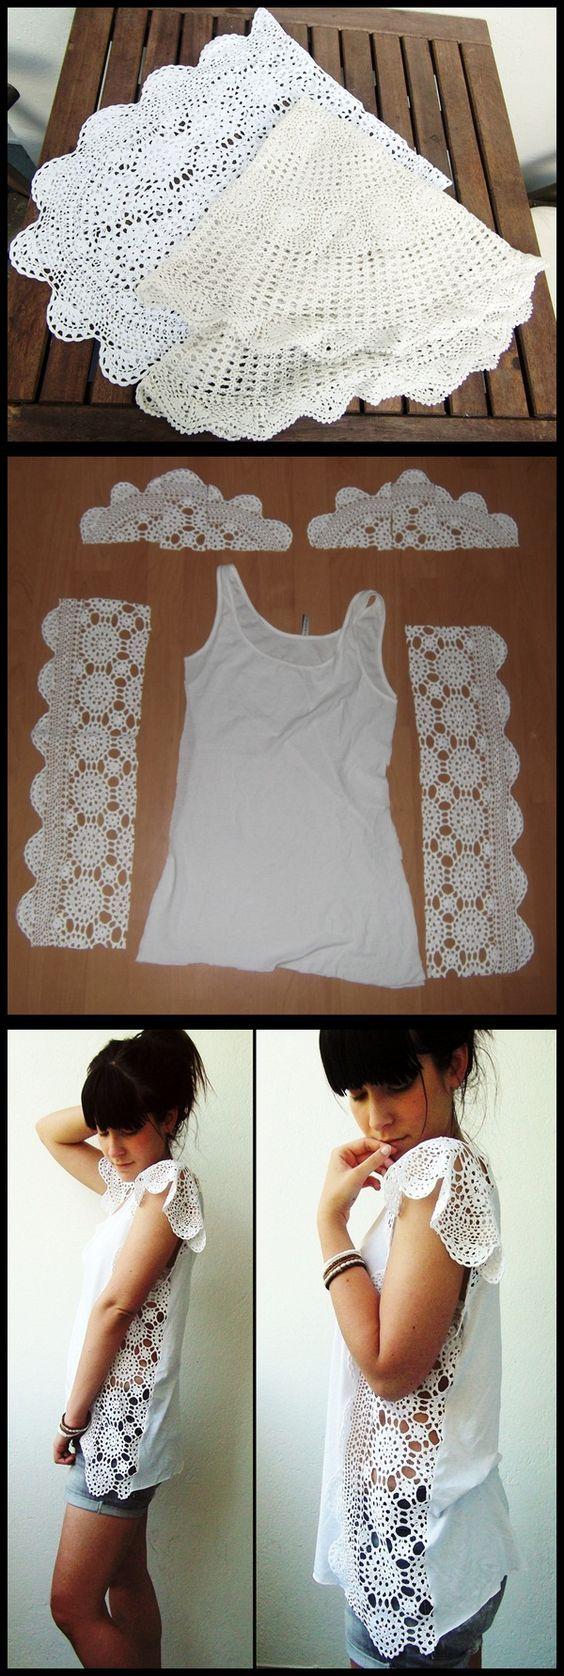 Crochetshirt from www.jestil.blogspot.com § belle idee di reciclo ! §: